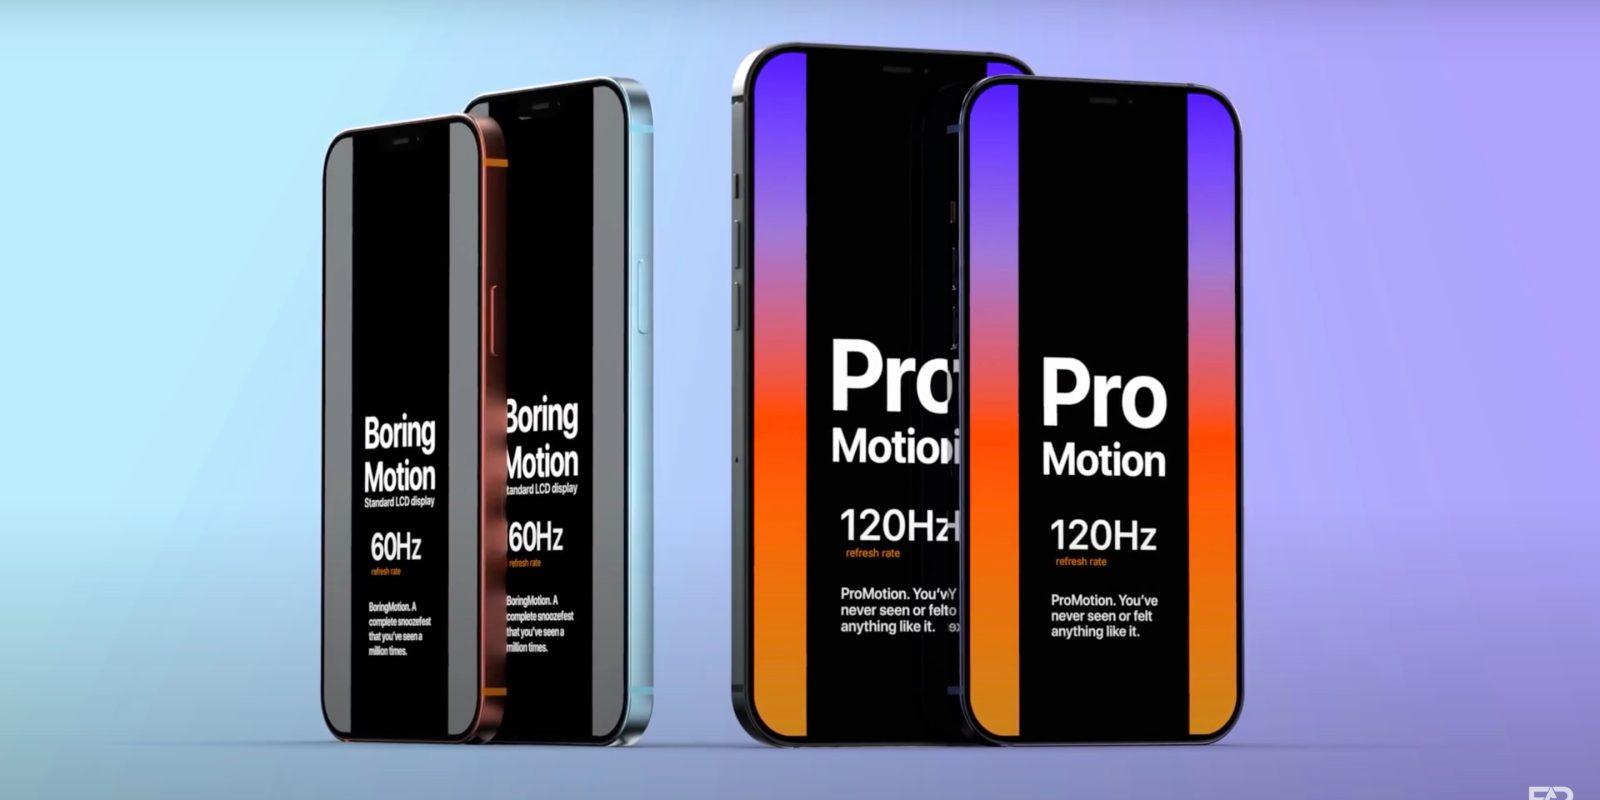 Sforum - Trang thông tin công nghệ mới nhất thong-tin-IPhone-12-2 Chân dung iPhone 12 qua loạt tin rò rỉ mới nhất: Thiết kế, cấu hình, giá bán và ngày ra mắt